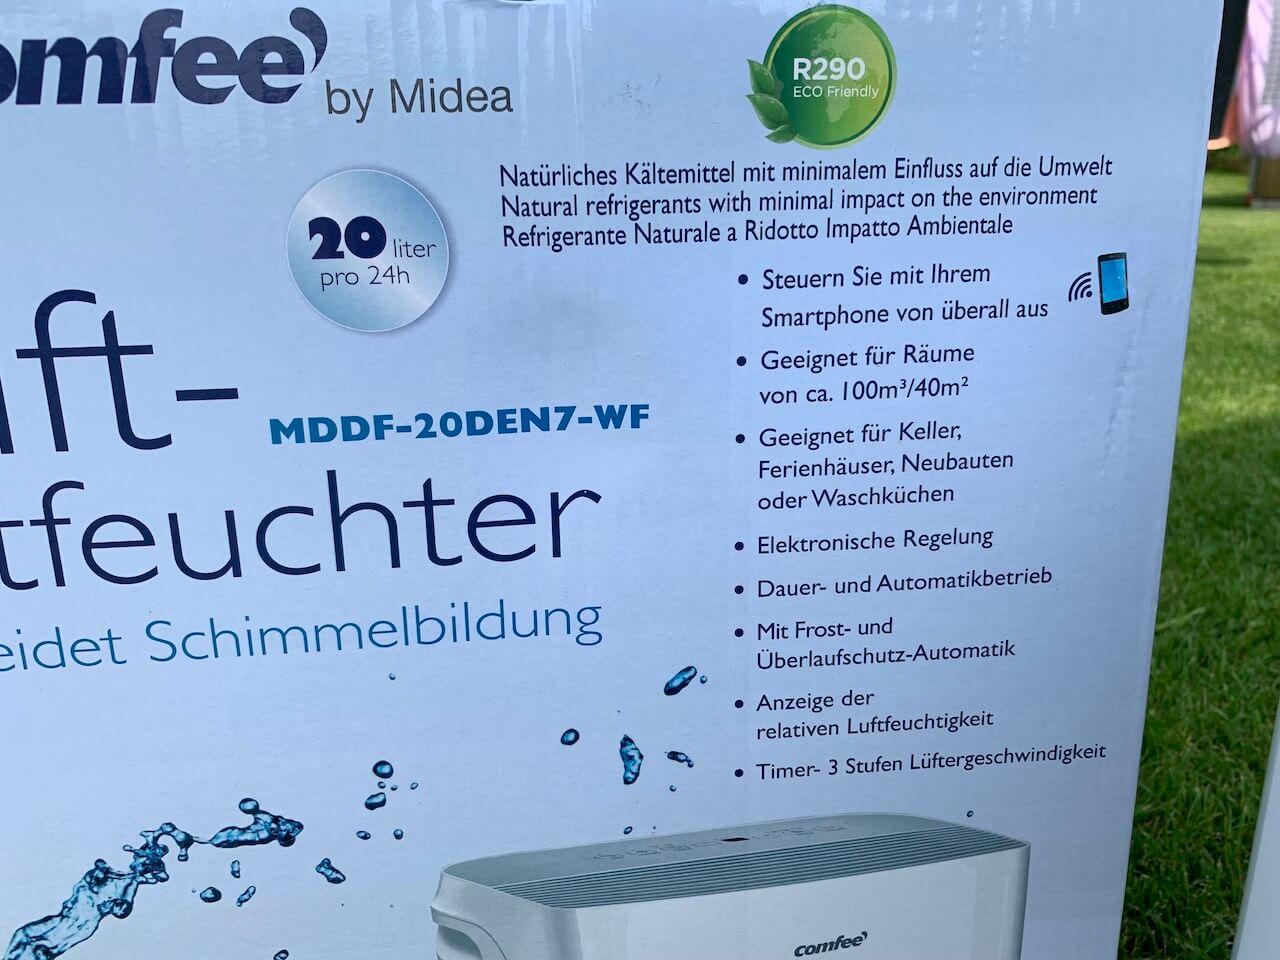 comfee Luftentfeuchter - Herstellerangaben auf der Verpackung